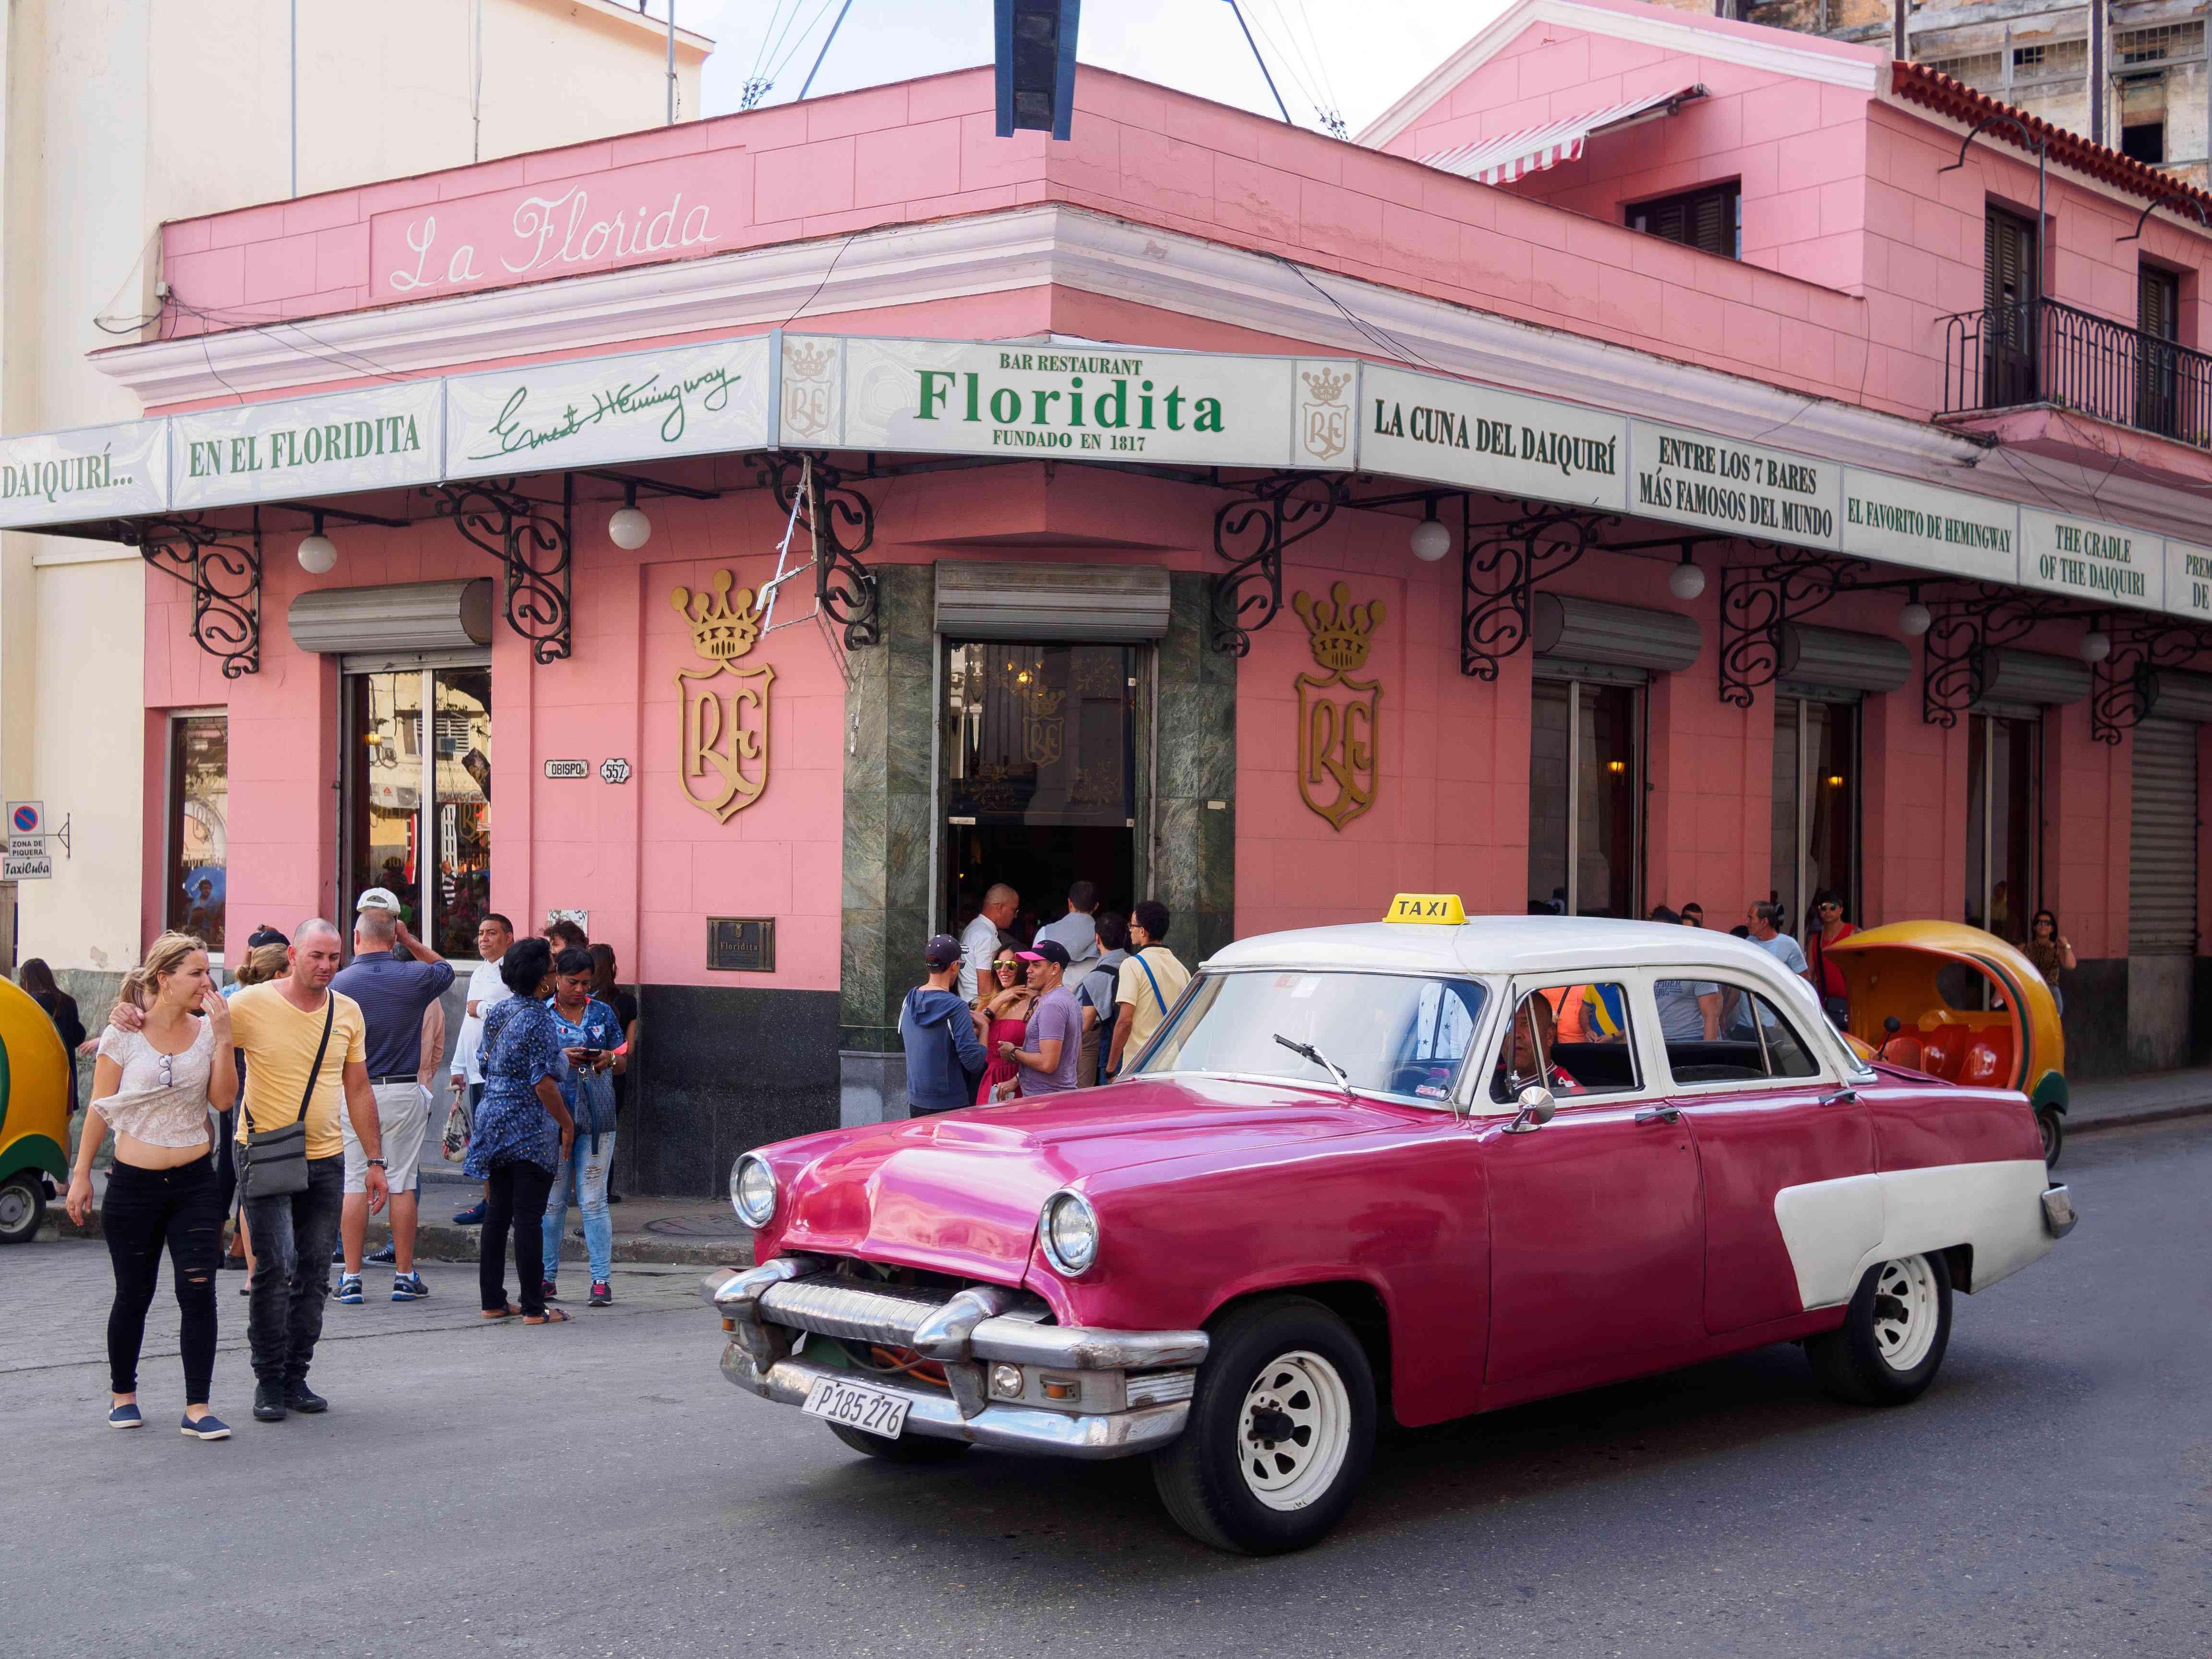 Coche clásico frente a El Floridita en La Habana, Cuba